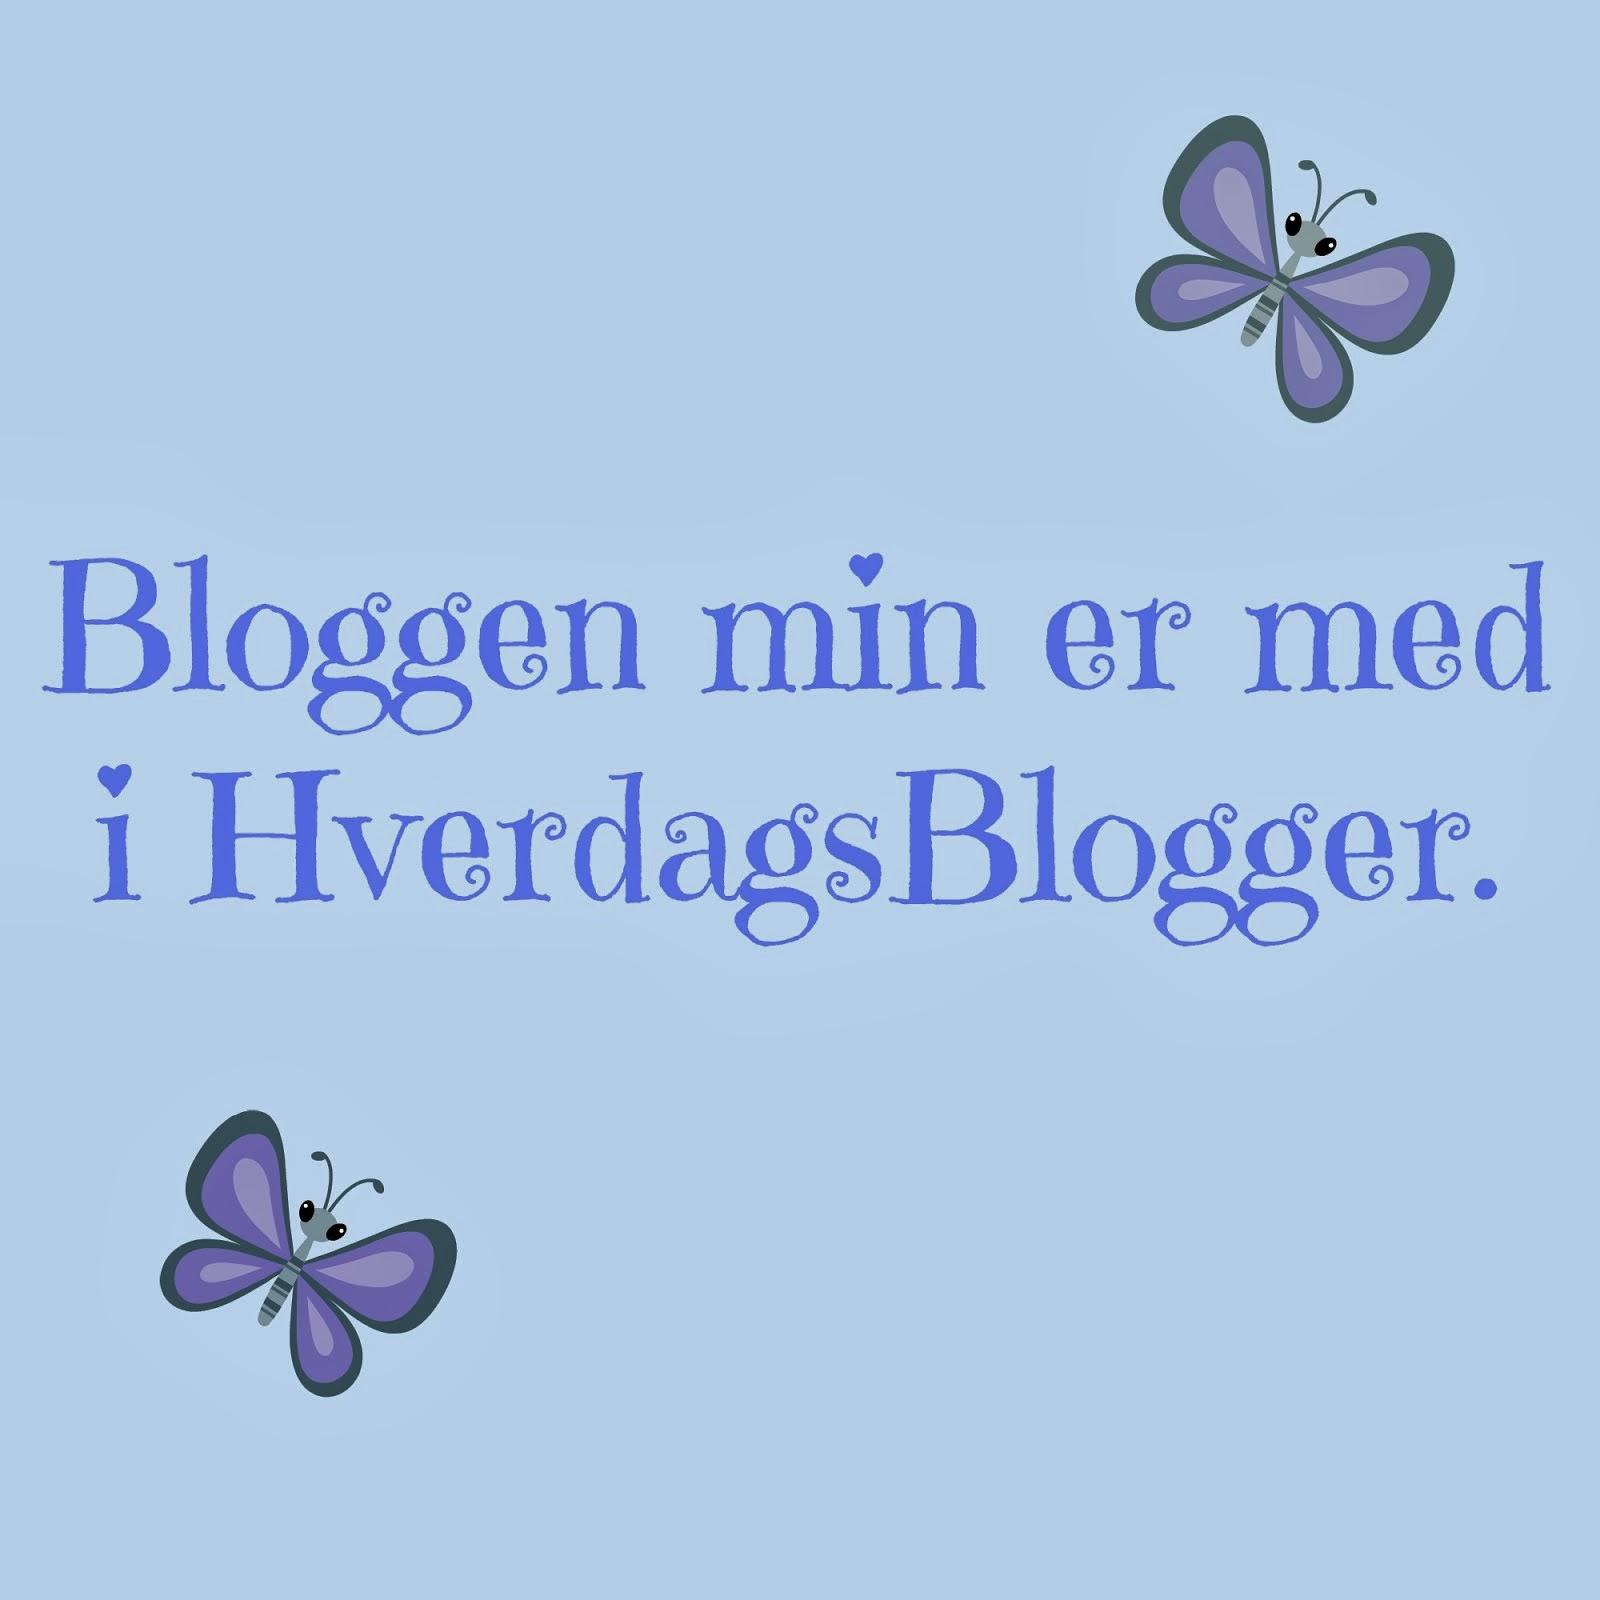 Medlem av HverdagsBlogger